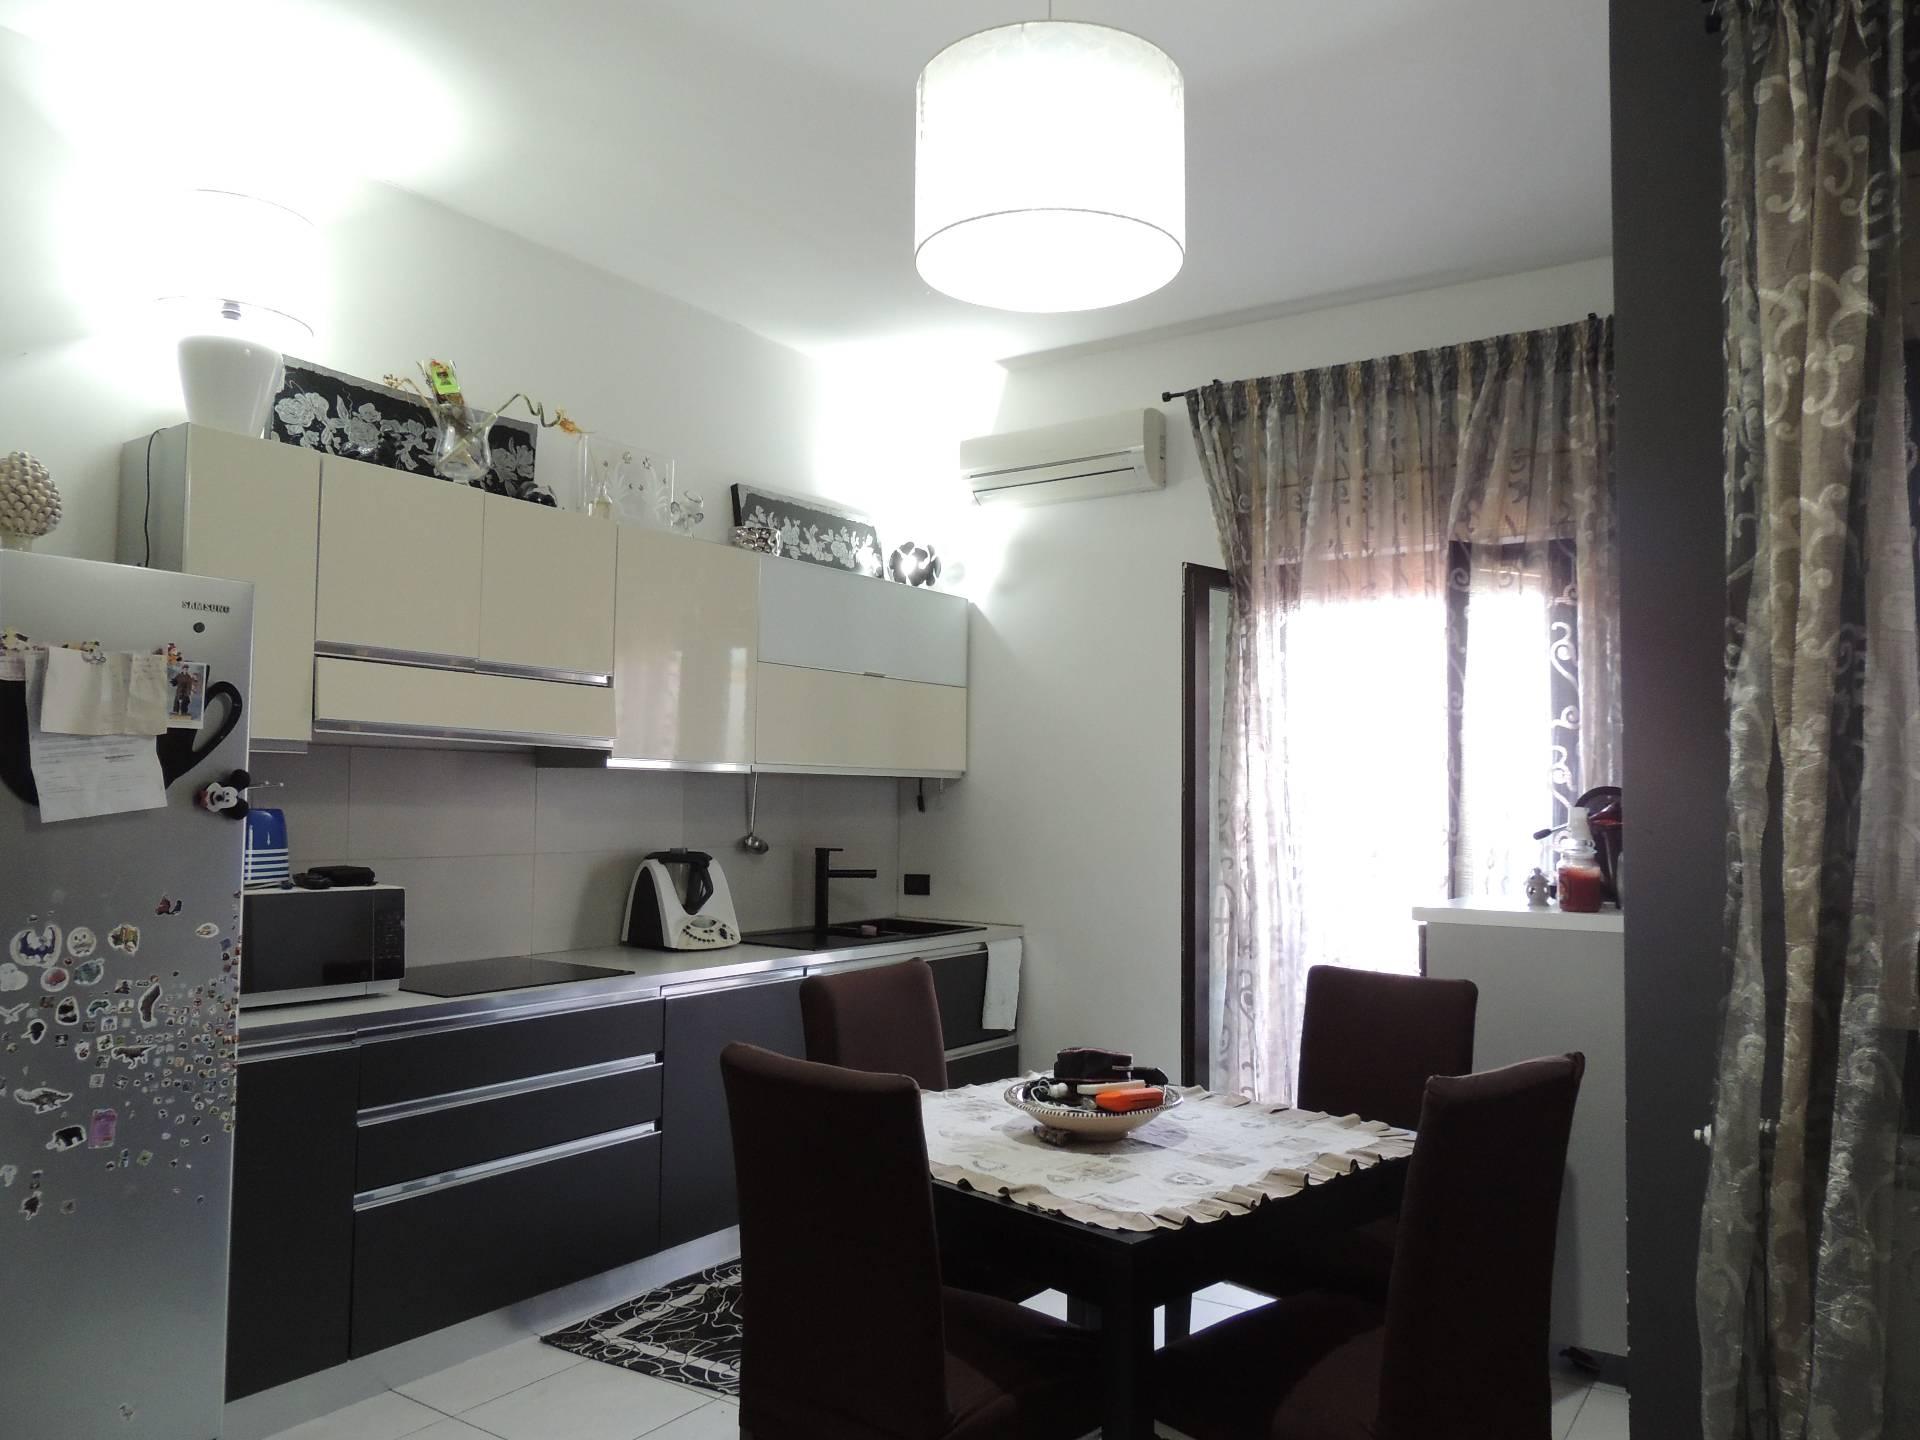 Appartamento in vendita a Gravina di Catania, 2 locali, zona Località: Centro, prezzo € 98.000 | CambioCasa.it